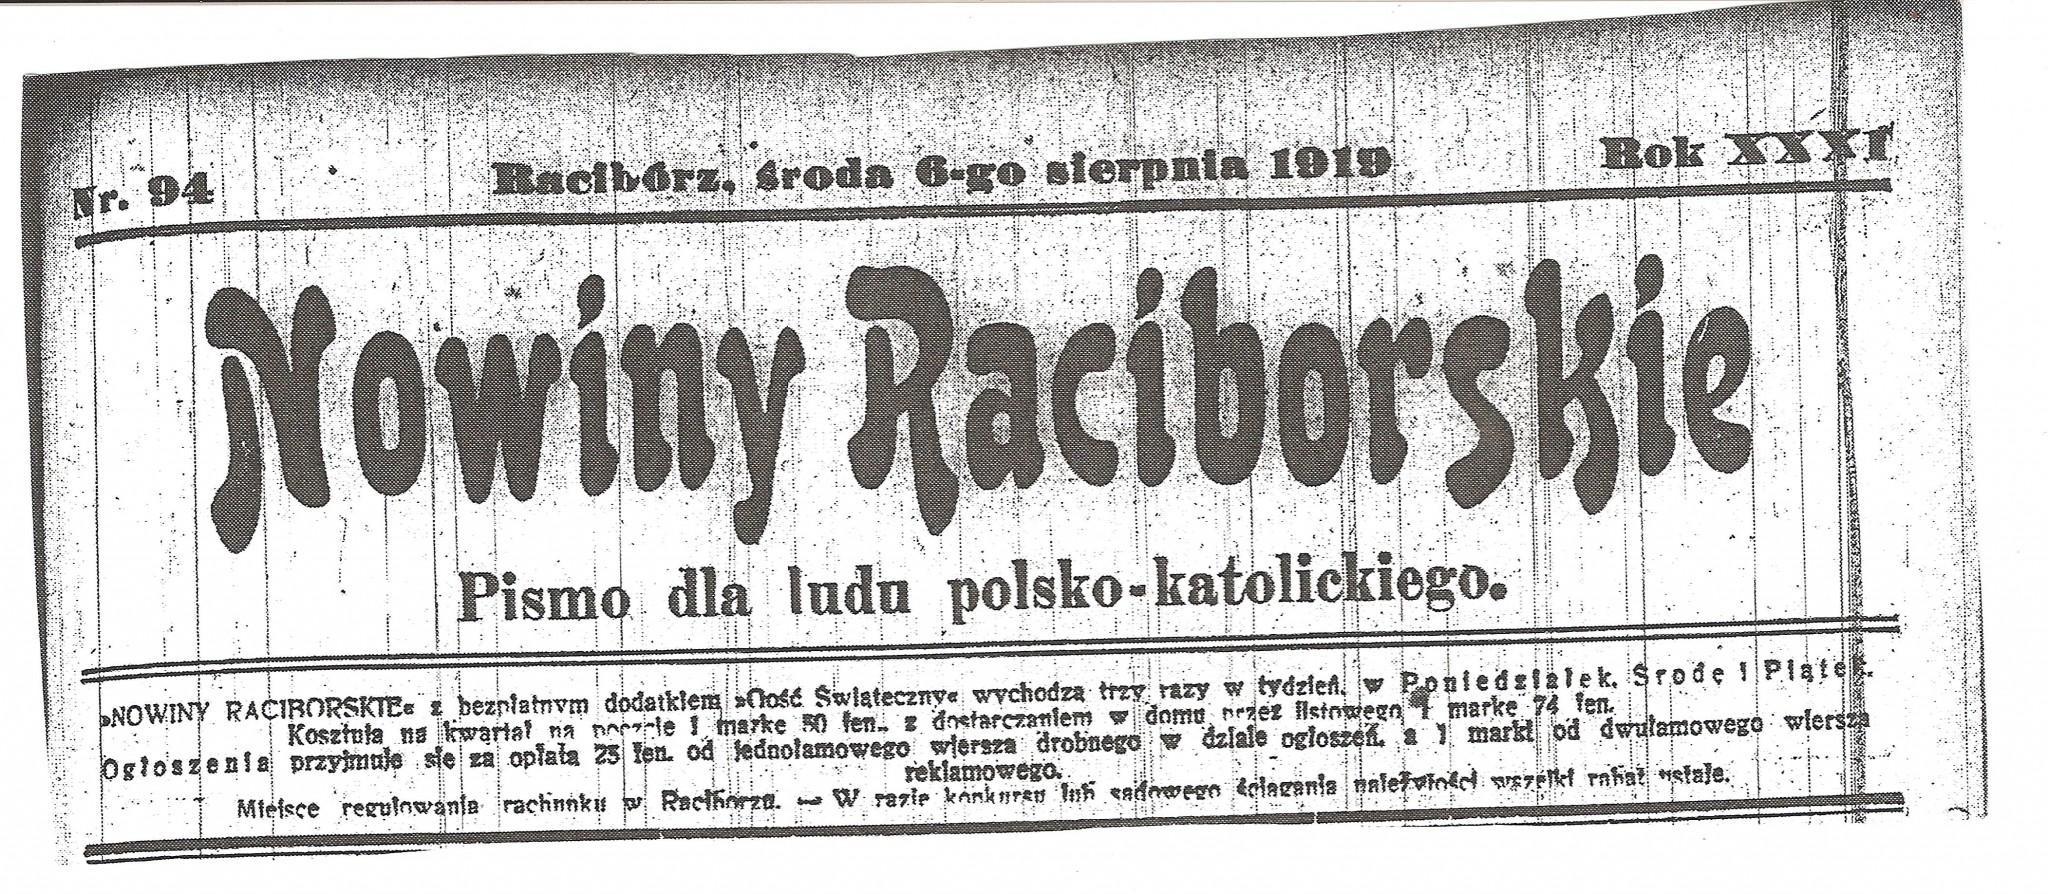 Nowiny Raciborskie z 6 sierpnia 1919 r.